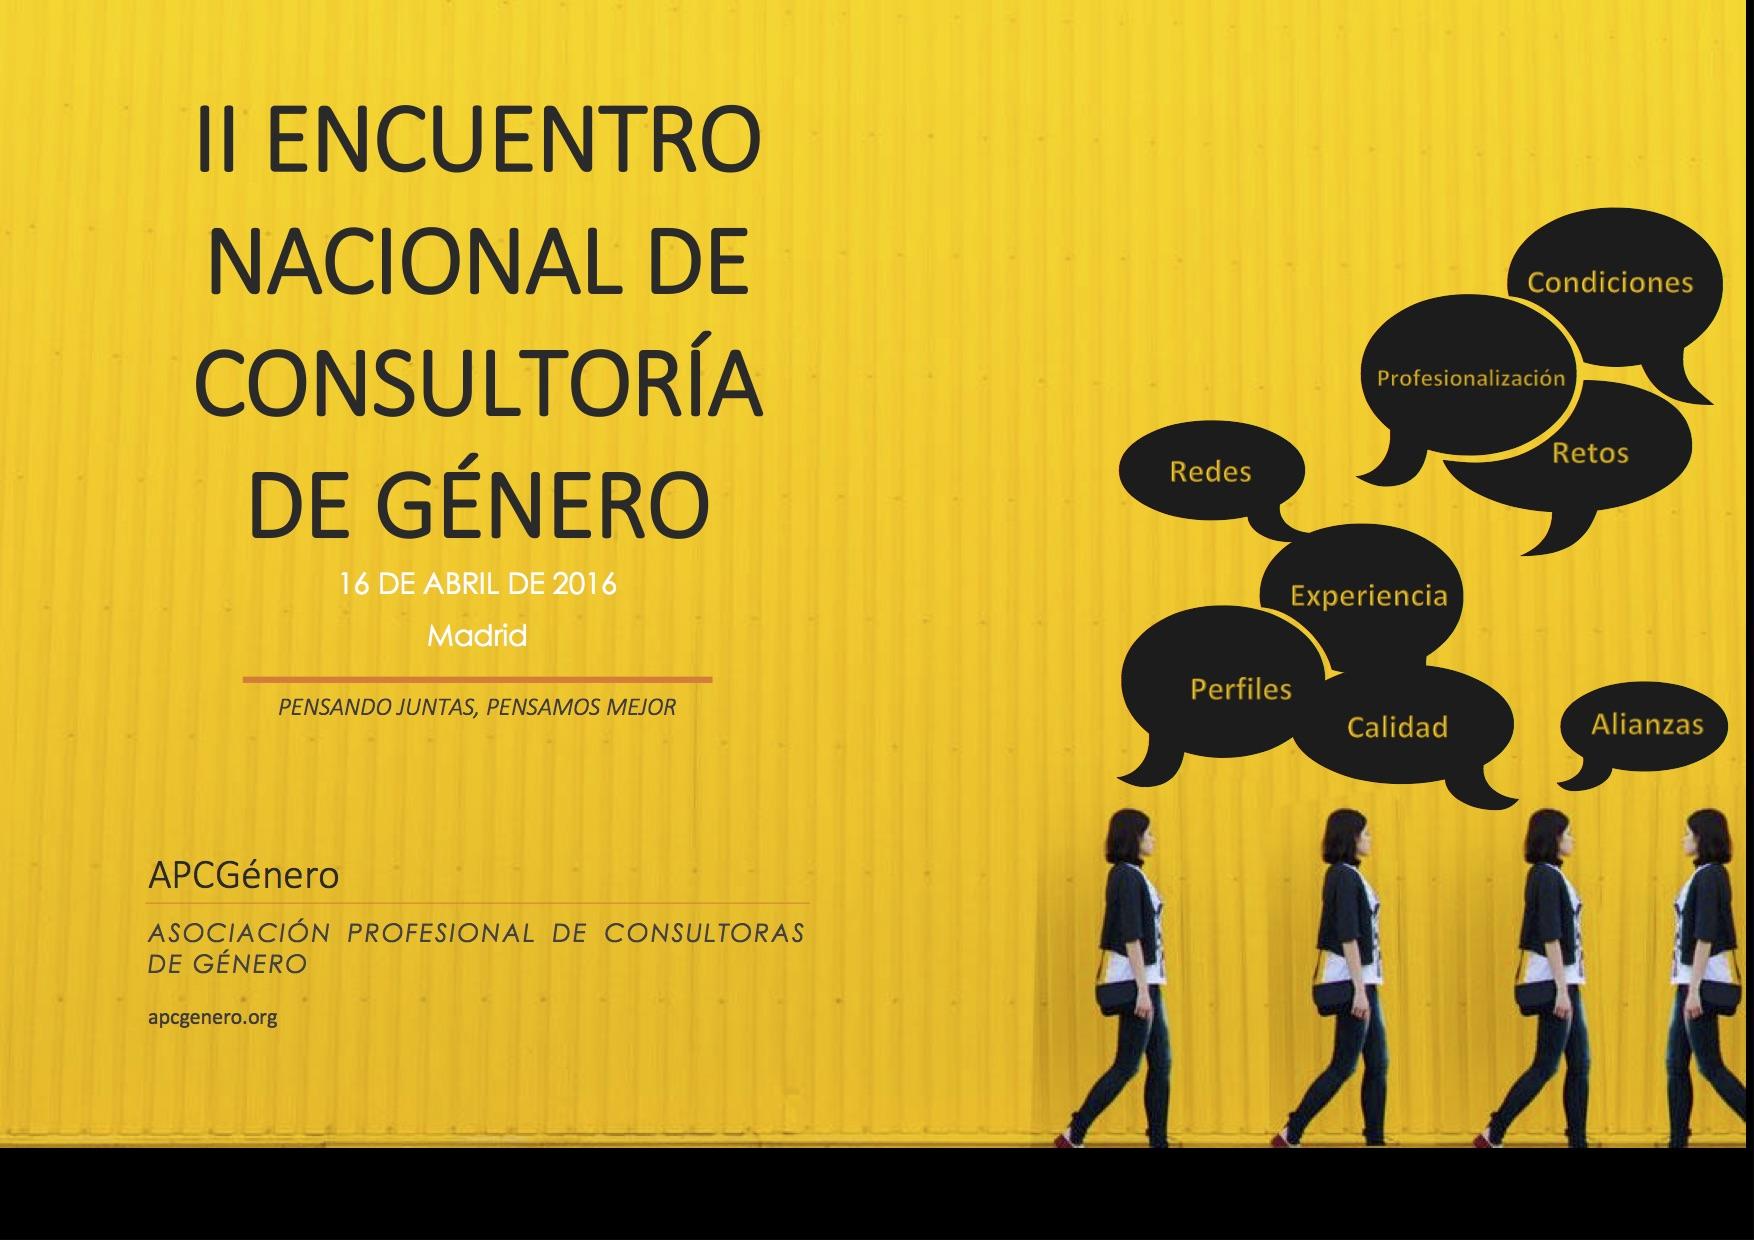 portada II encuentro apcg